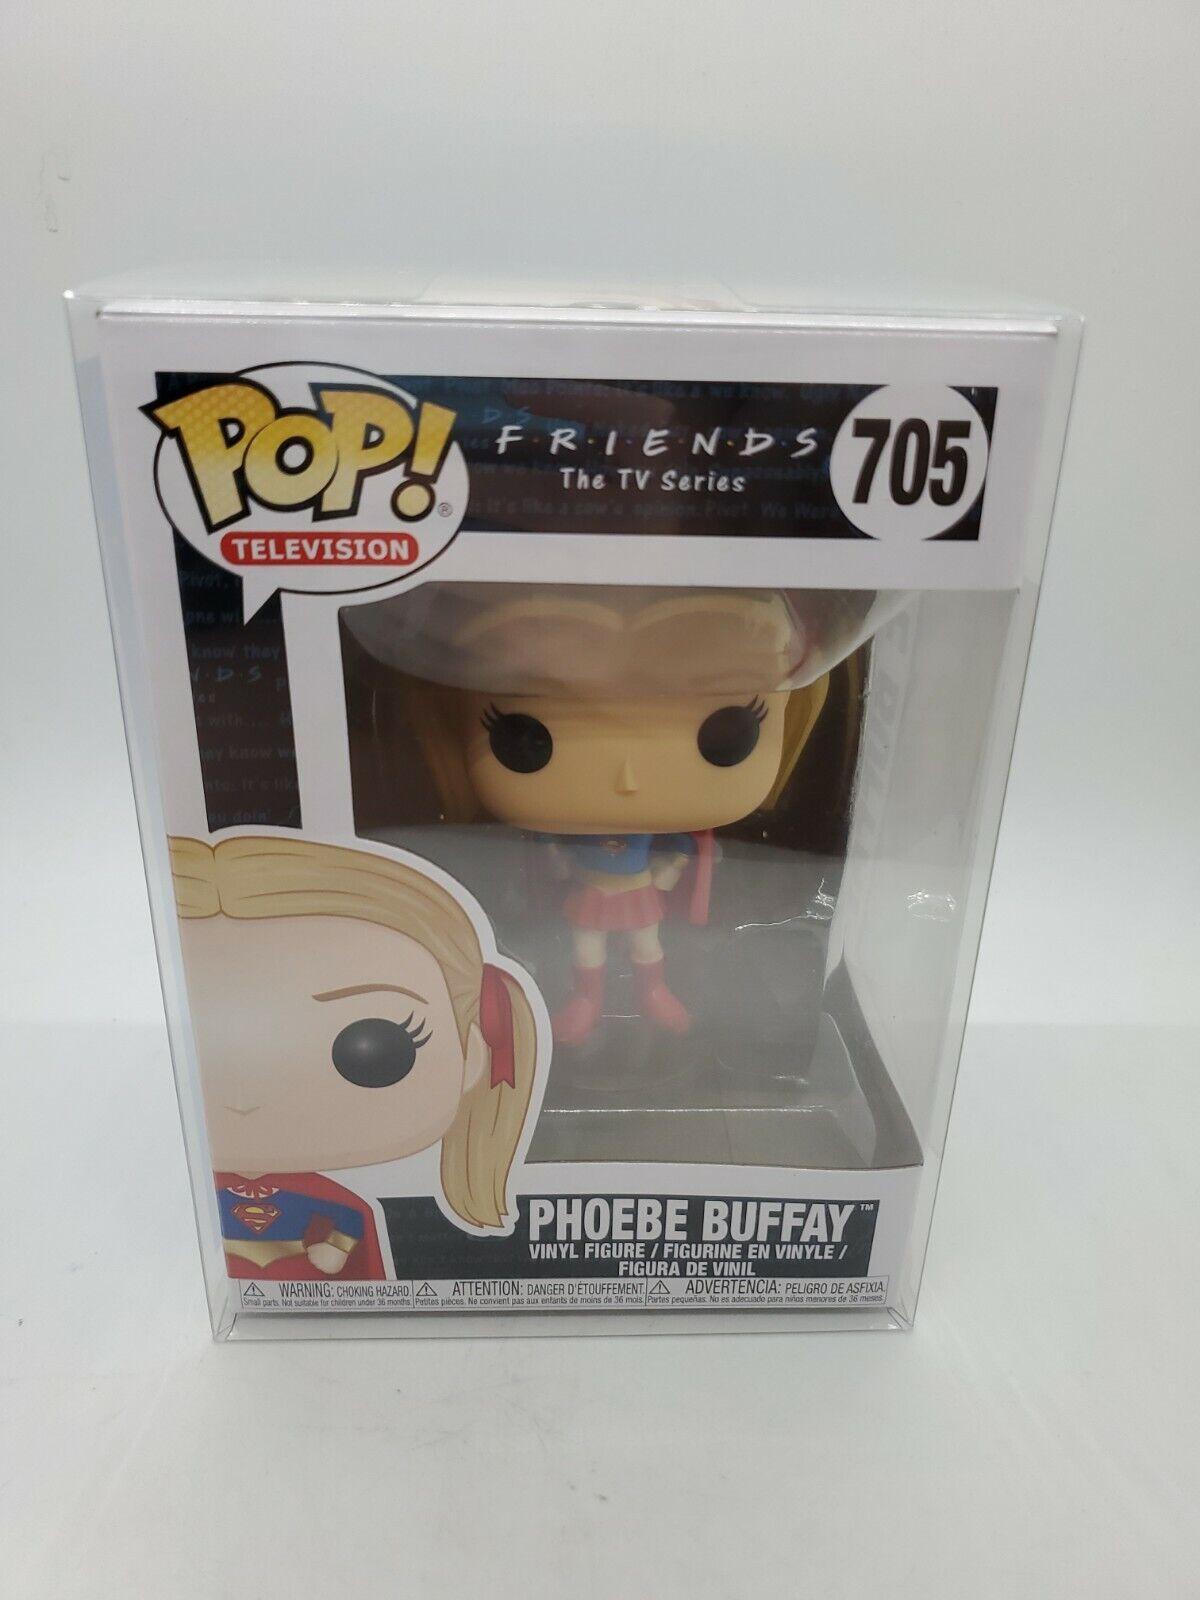 Funko Pop! Friends Phoebe Buffay #705 Vinyl Figure in Protector